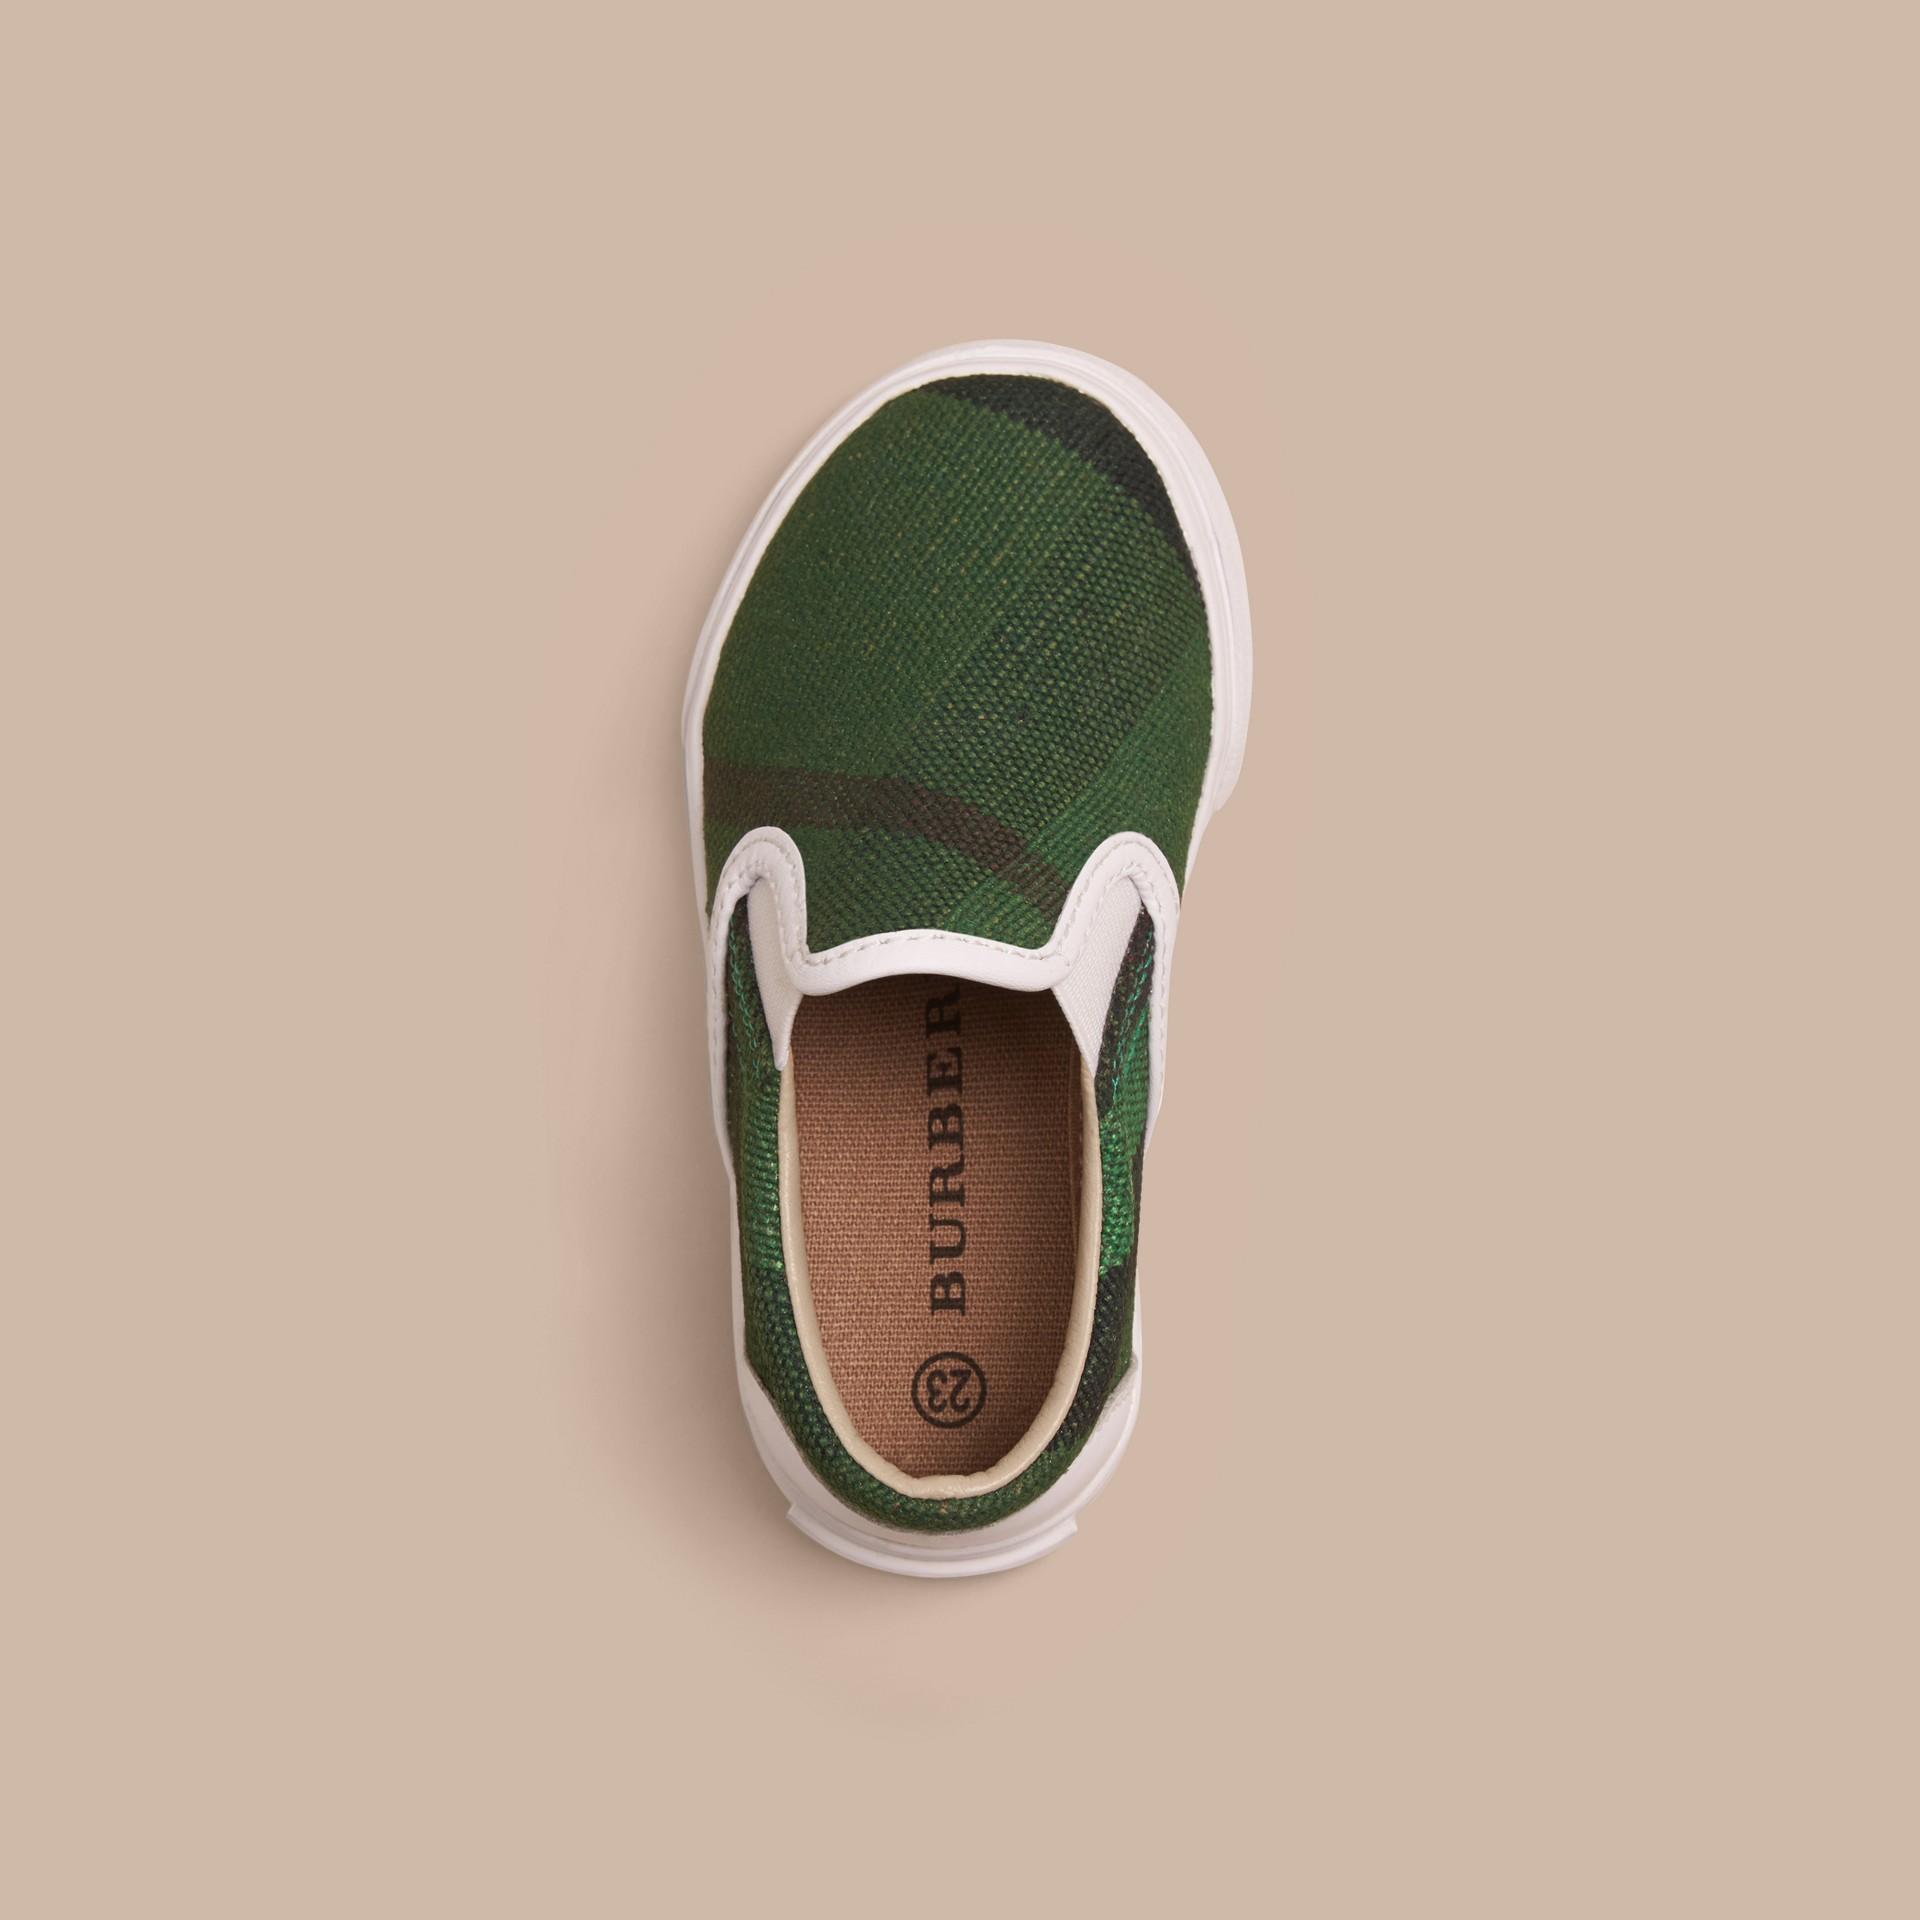 亮玉綠色 Canvas 格紋便鞋 - 圖庫照片 3